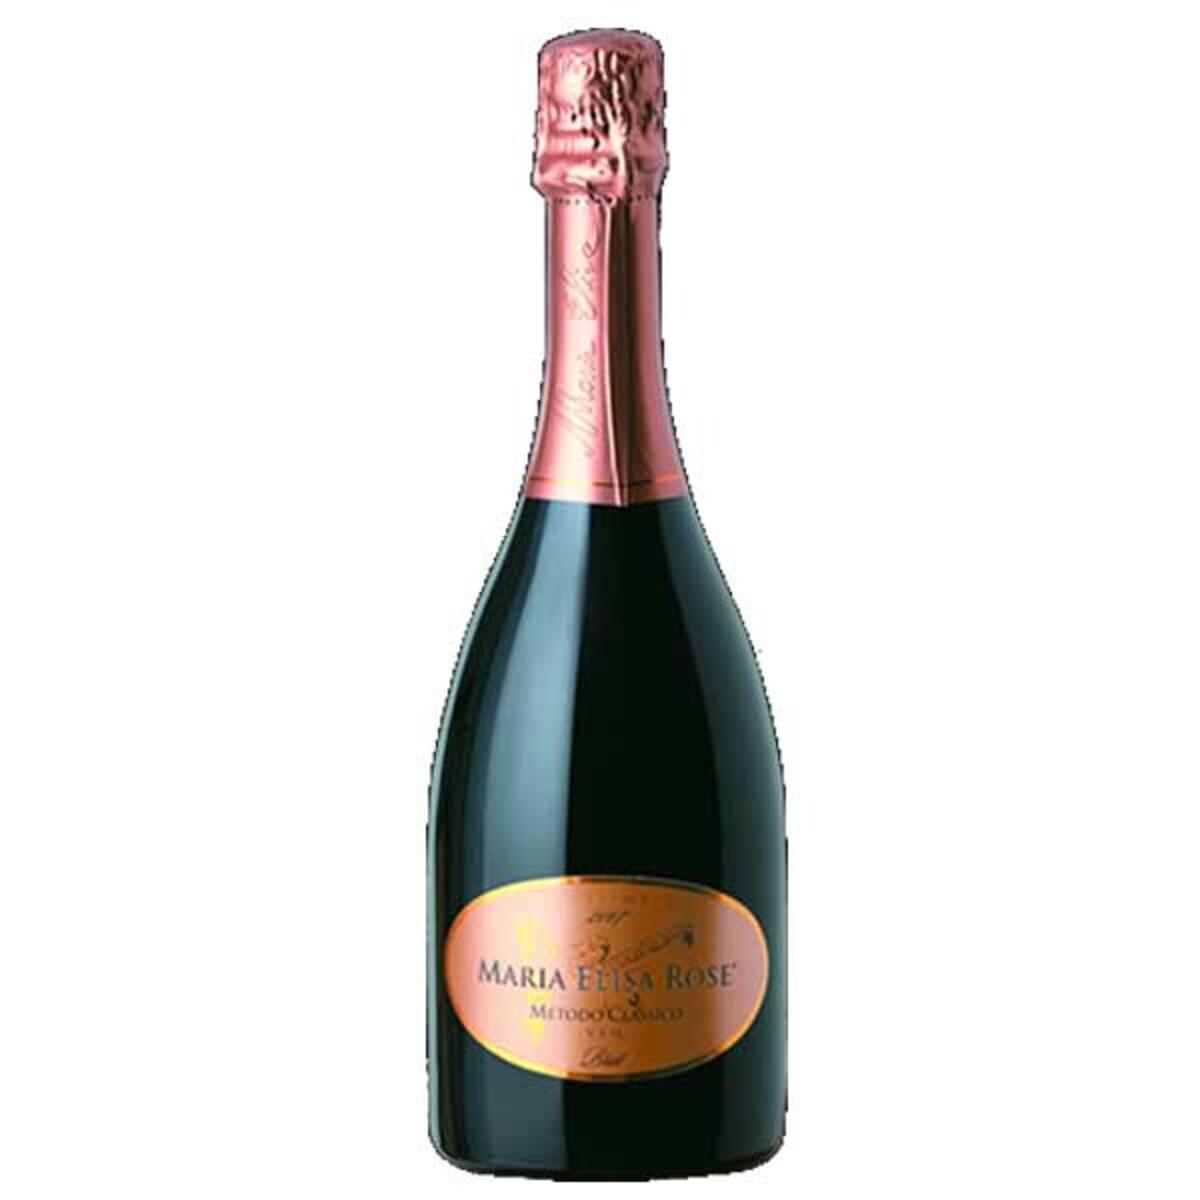 Вино Maria Elisa розе Negro